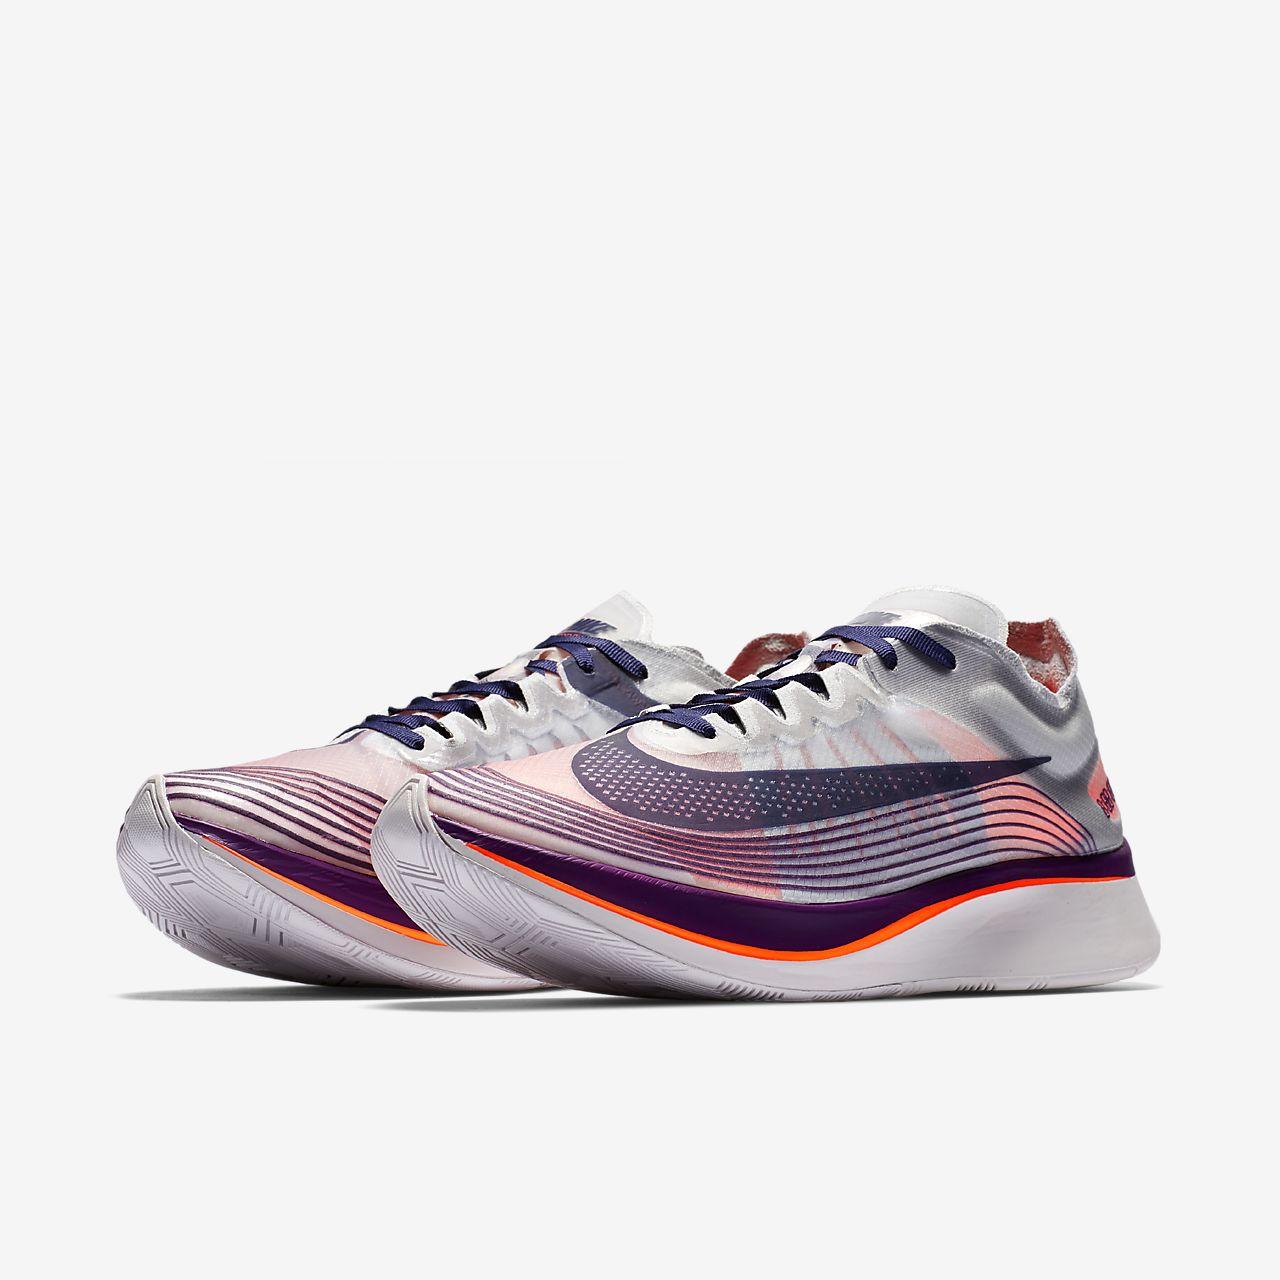 ... Nike Zoom Fly SP Unisex Running Shoe